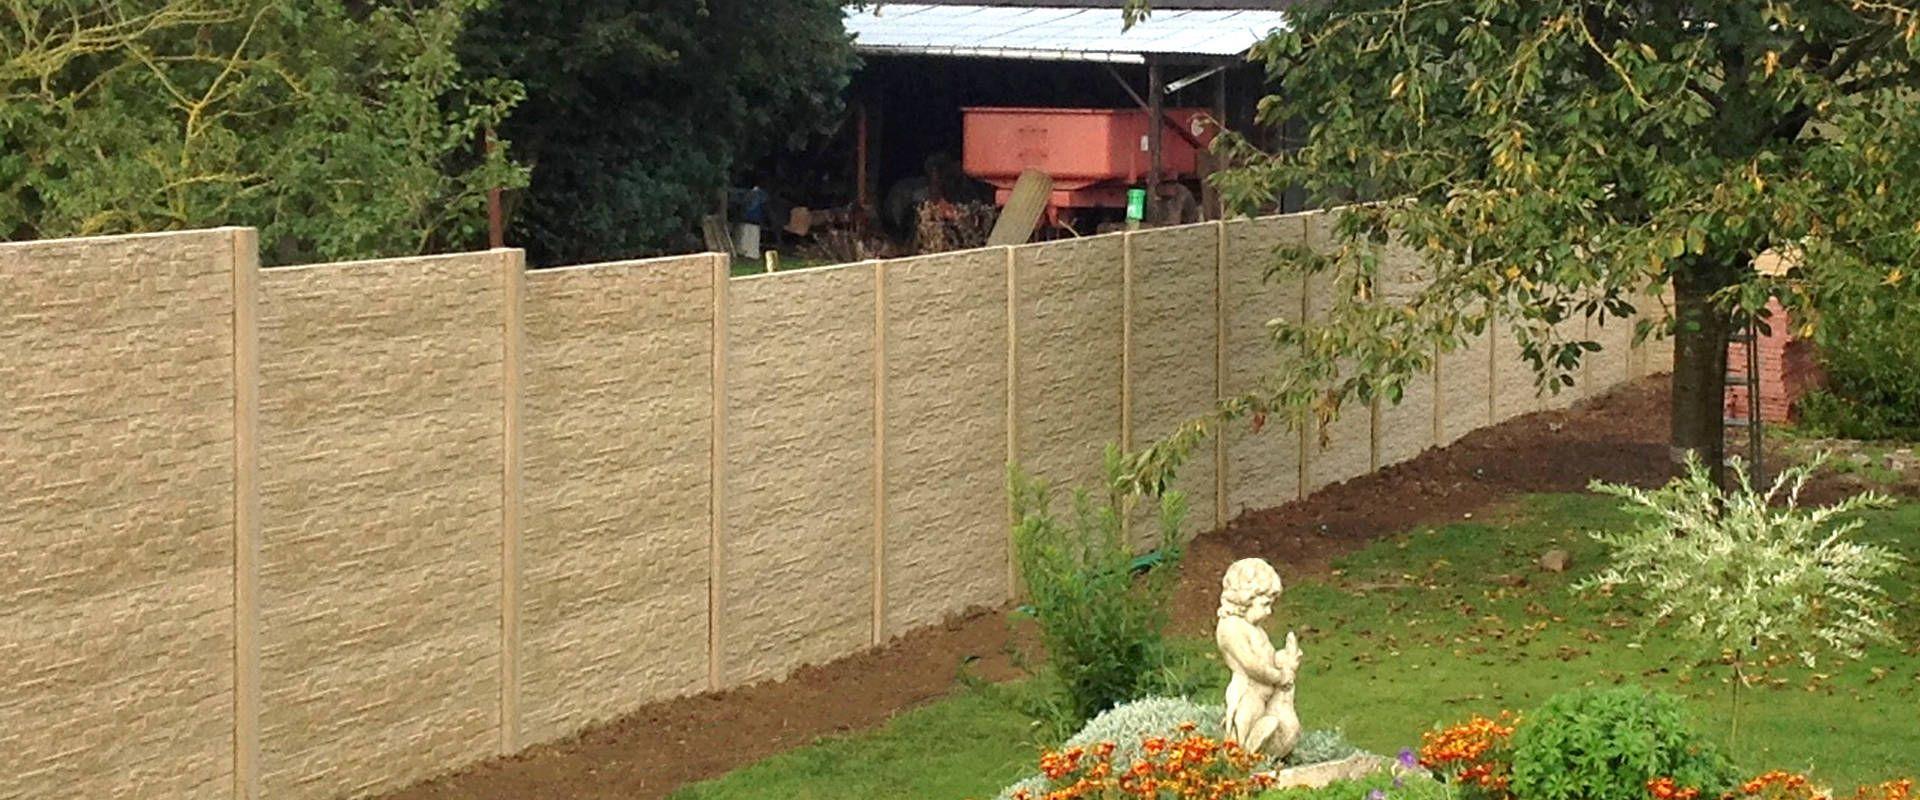 Clôture en béton imitation pierre sèche - clôture imagine